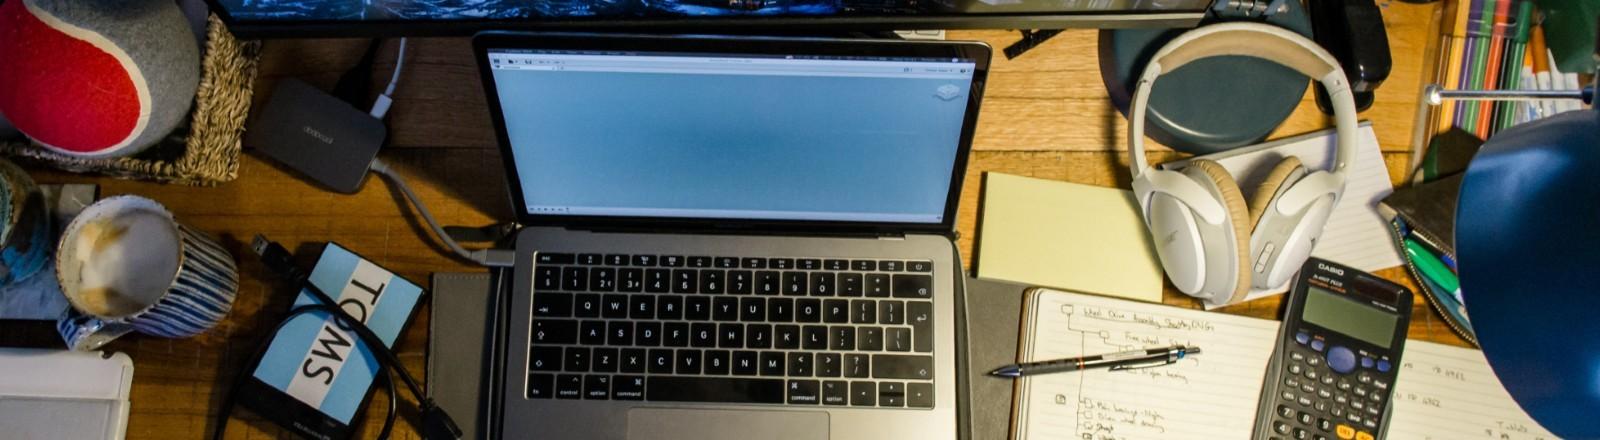 Laptop und Lernunterlagen